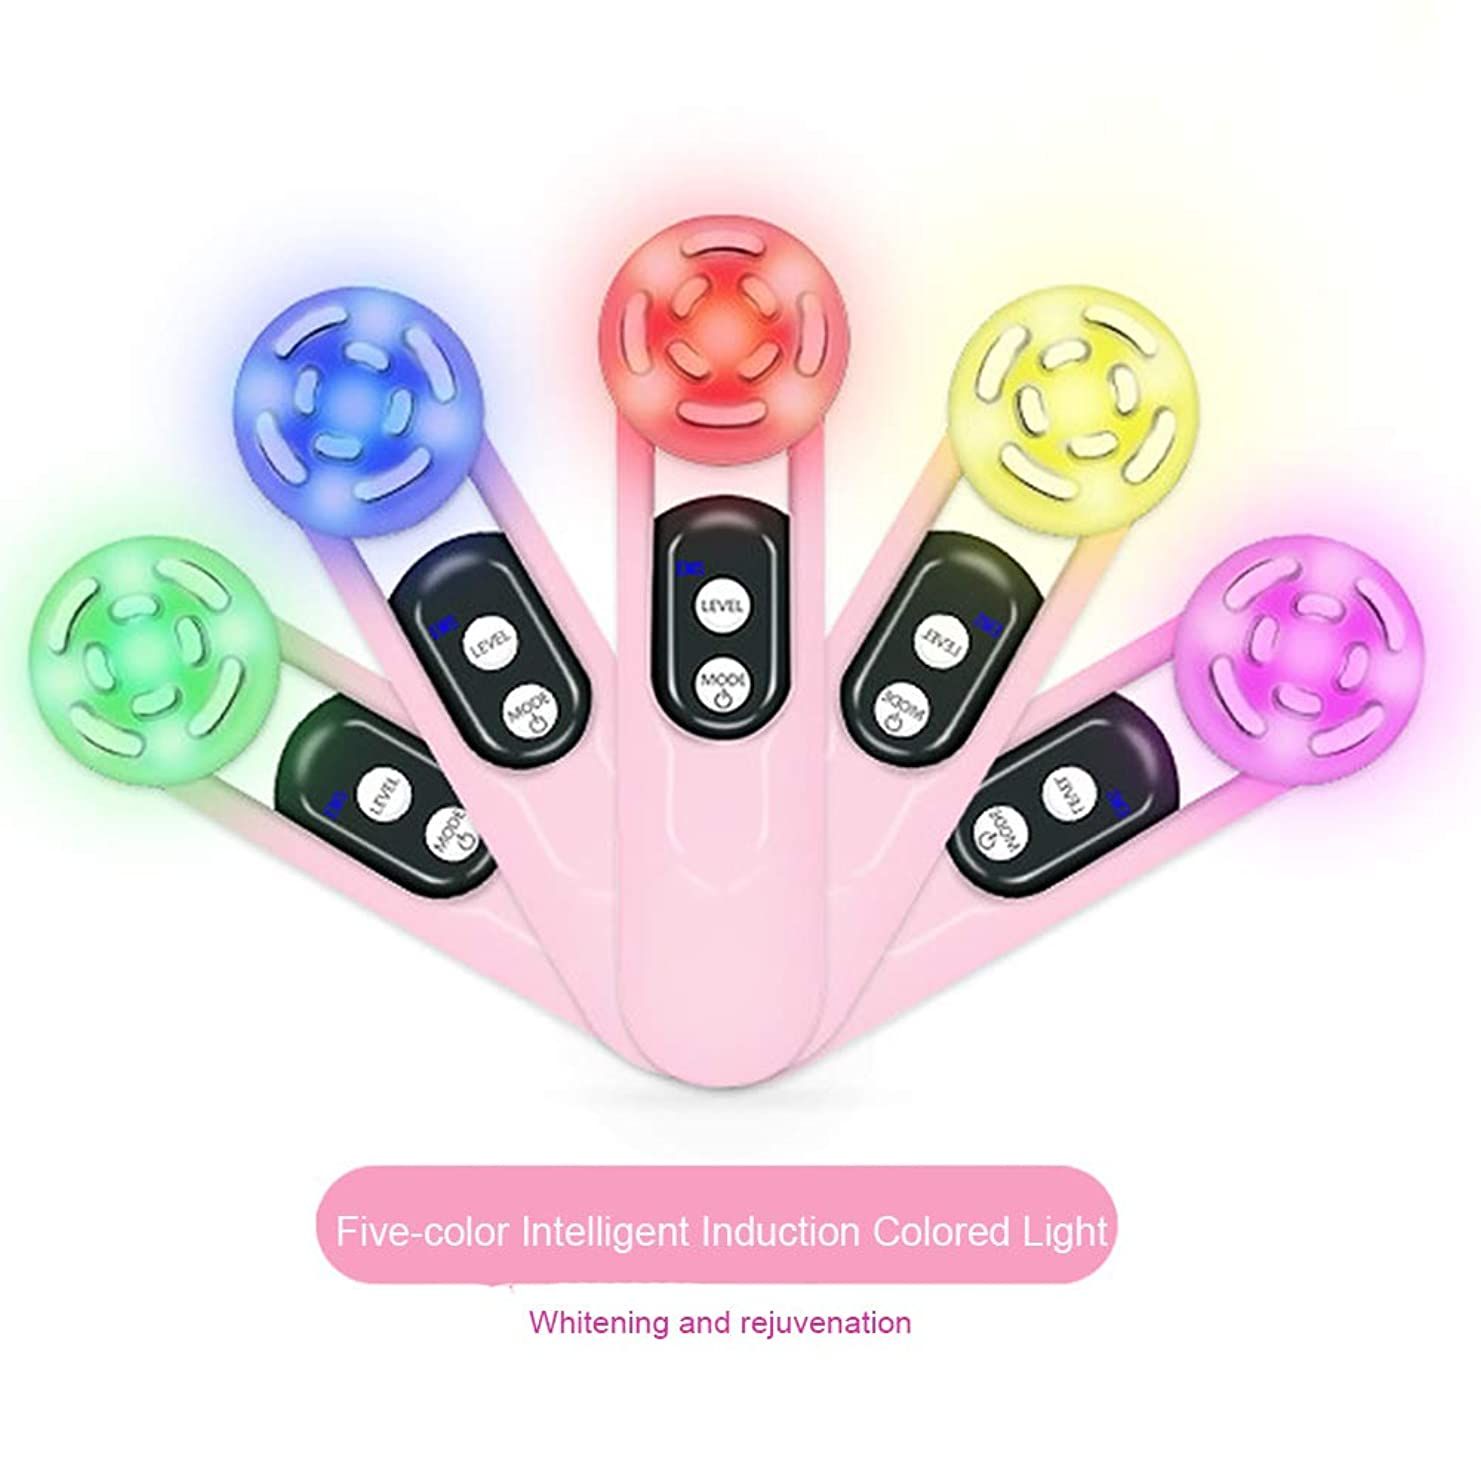 重荷注入する課す5色ライトが付いている顔の持ち上がる機械EMSマッサージャーは浄化の老化防止の多機能の振動美装置イオン顔のマッサージャーのためにつきます,Pink